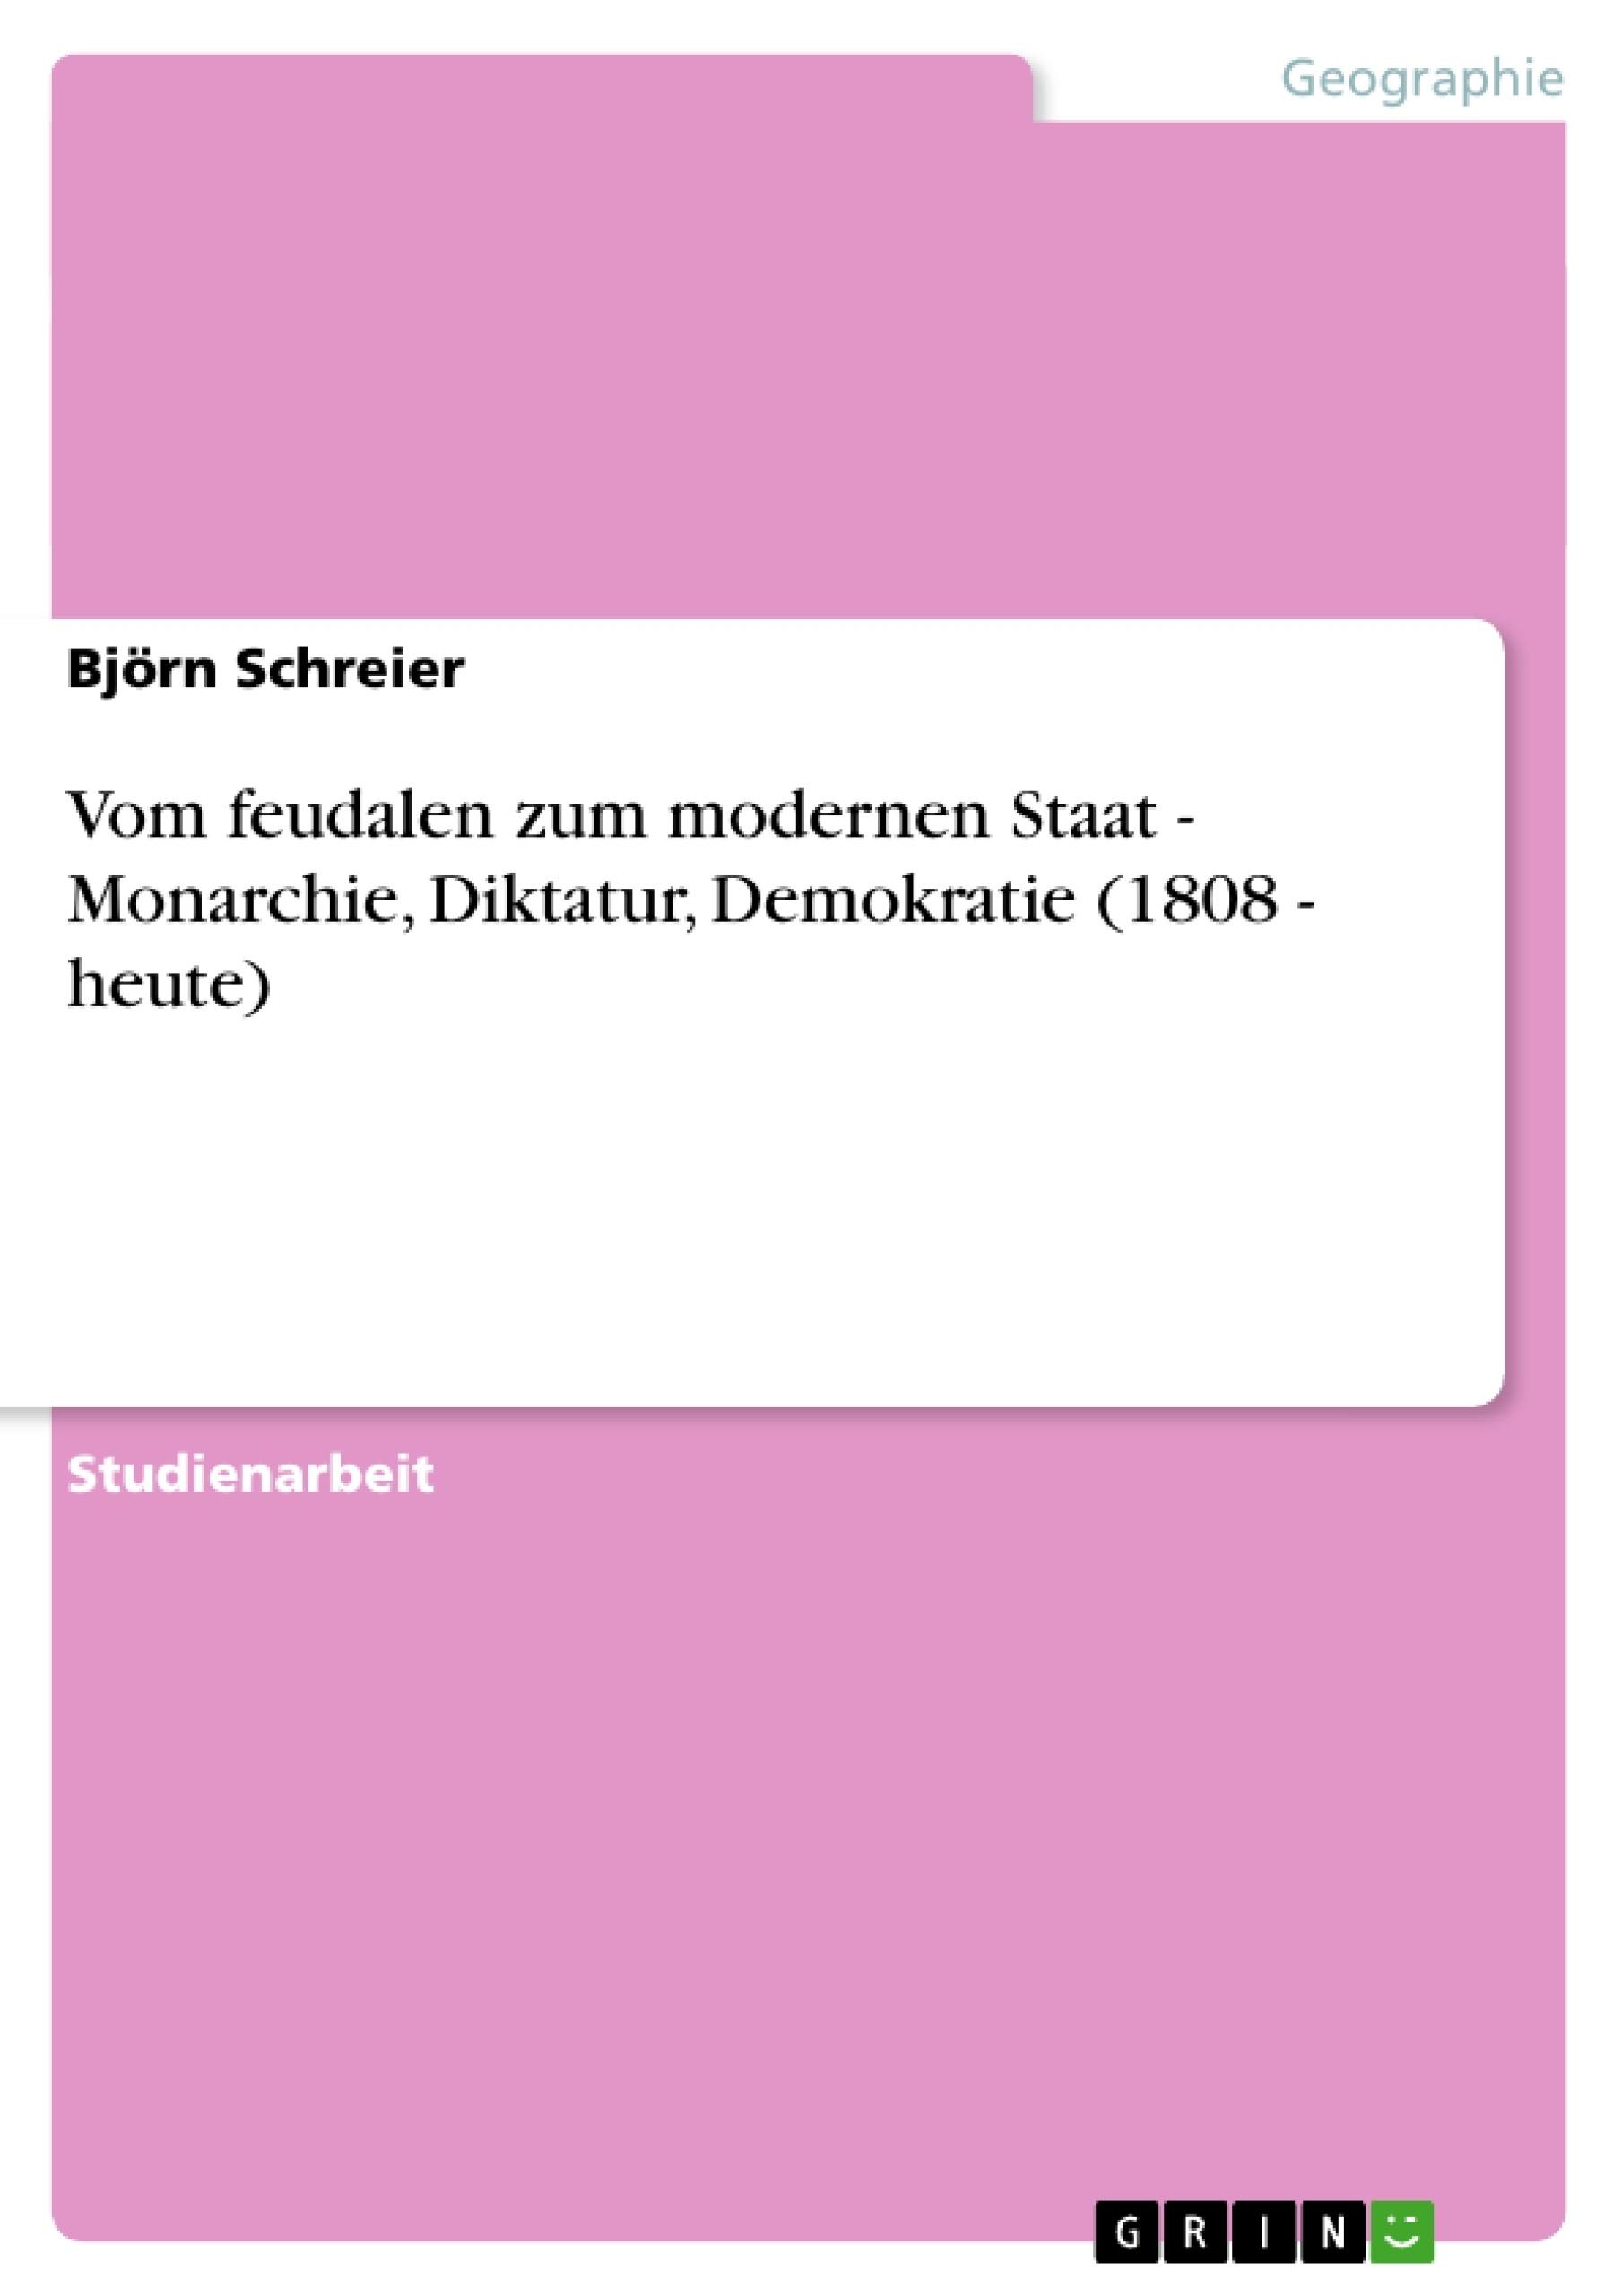 Titel: Vom feudalen zum modernen Staat - Monarchie, Diktatur, Demokratie (1808 - heute)